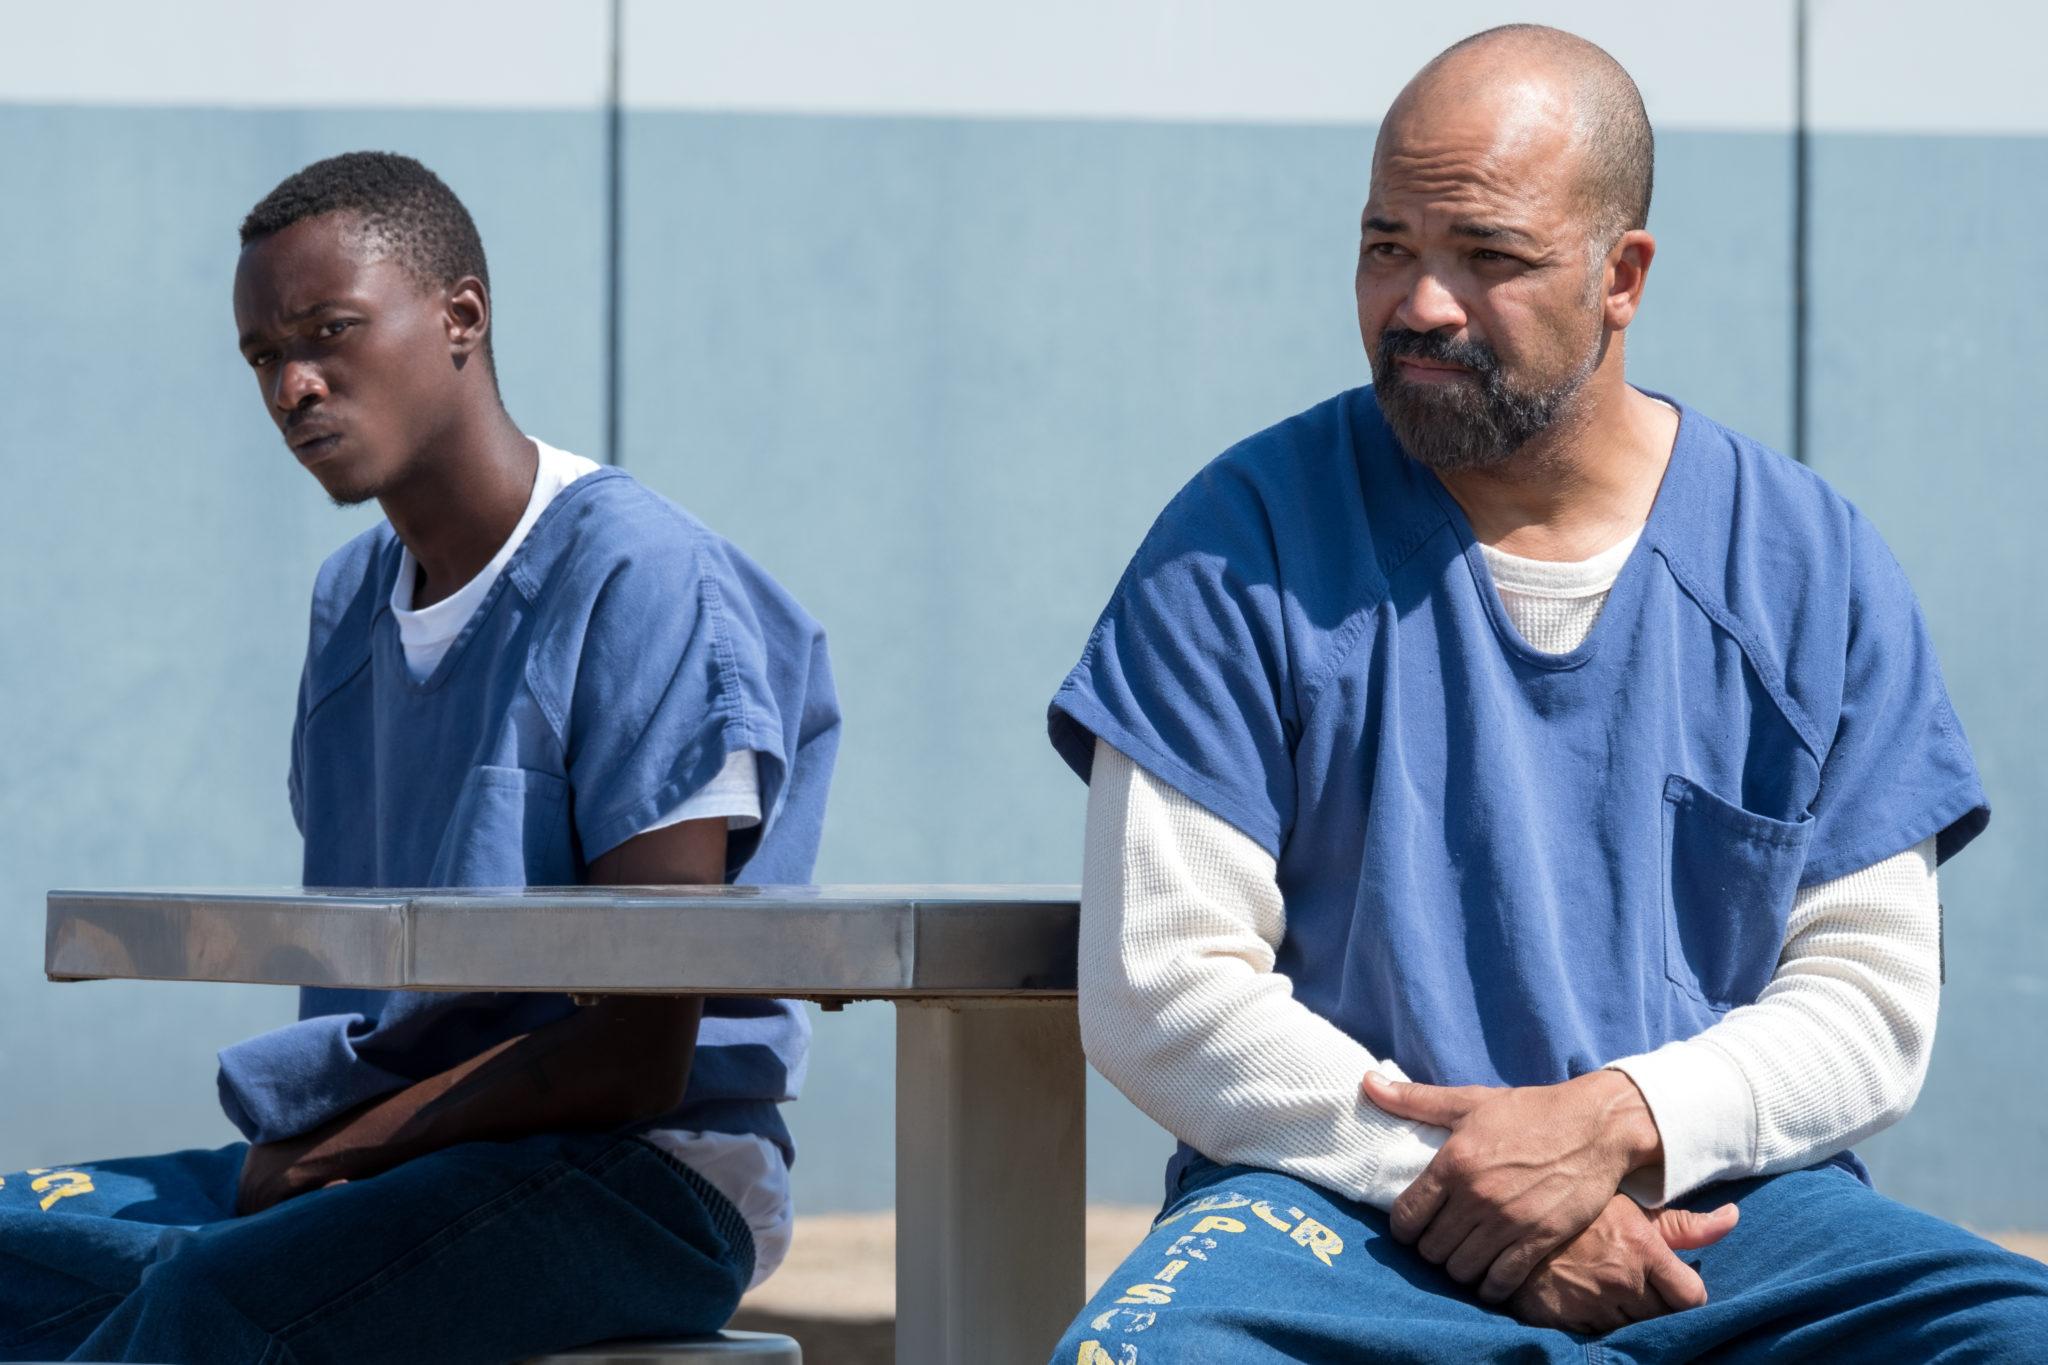 Vater und Sohn sitzen zusammen im Außenbereich des Gefängnisses in All Day and a Night. Sie tragen die typische blaue Klamotte von Insassen und gucken, von der Sonne geblendet, nach links aus dem Bildbereich.